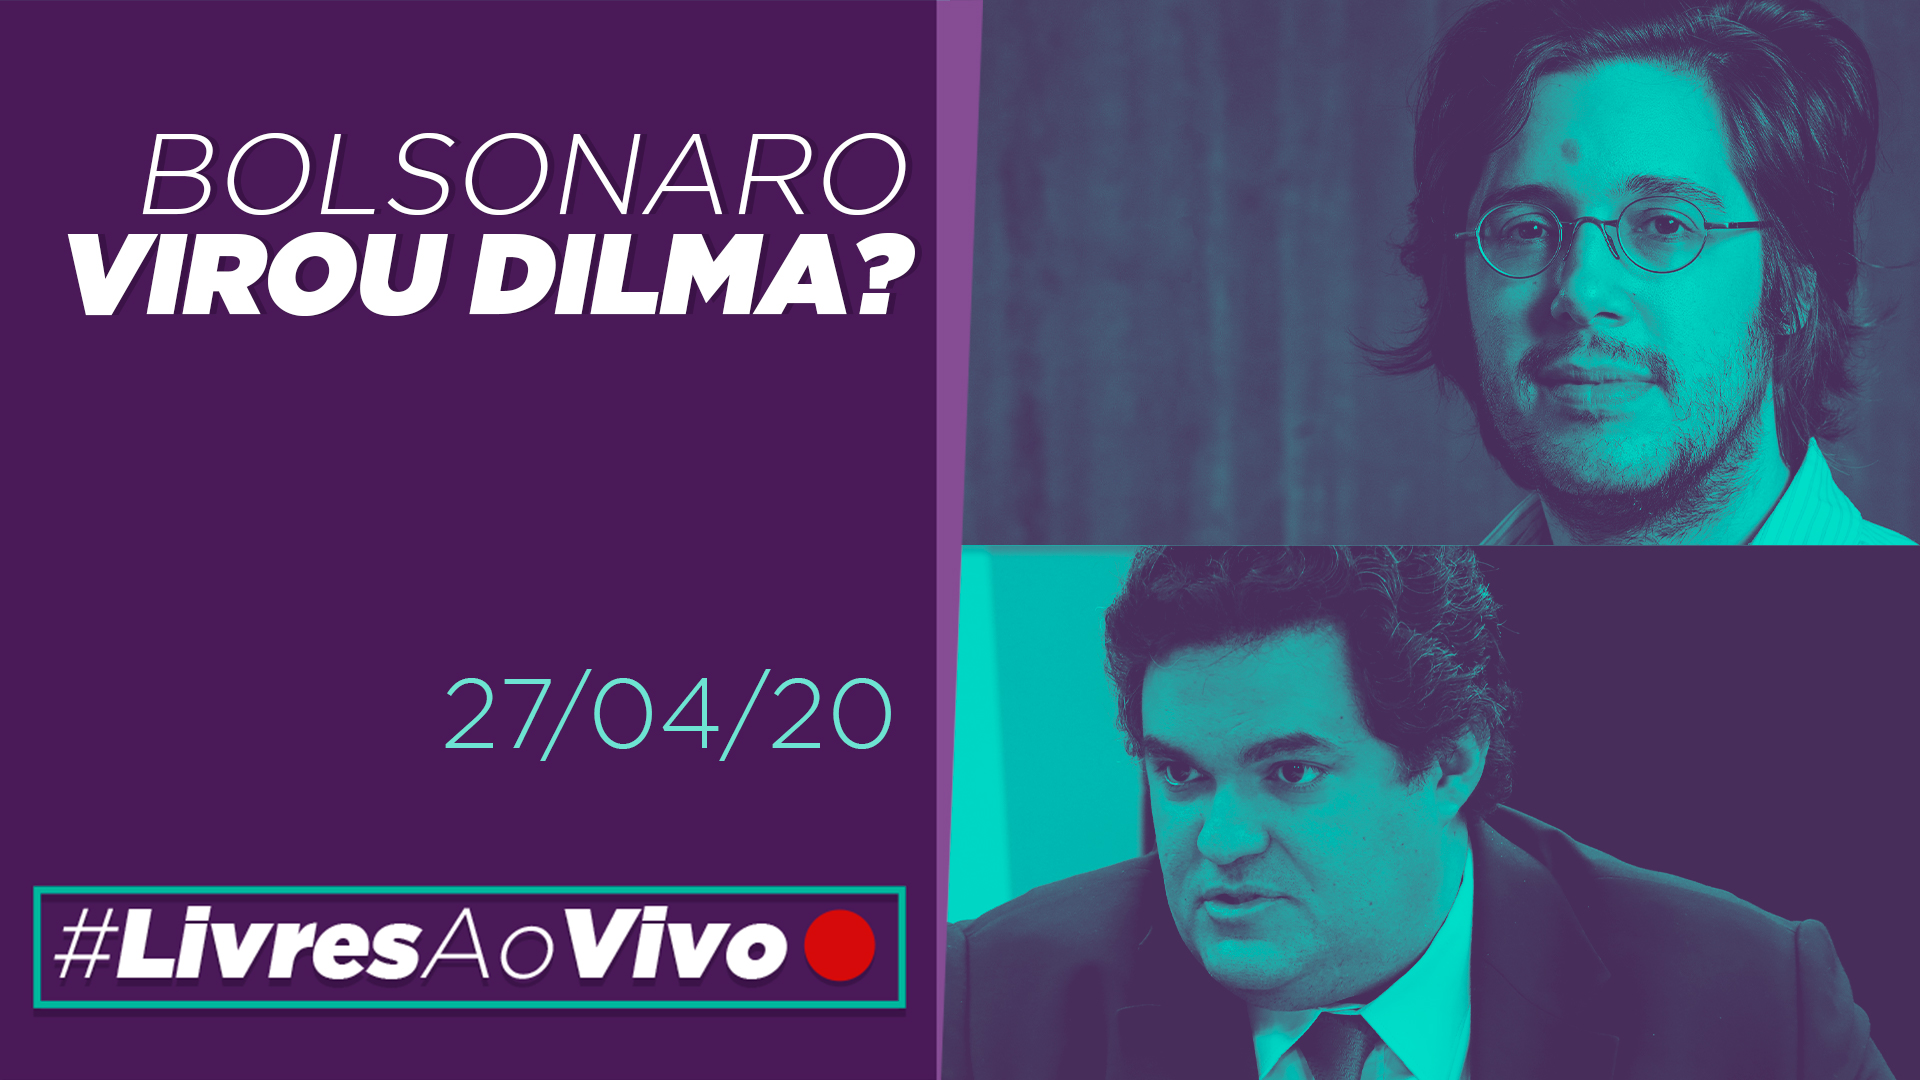 Bolsonaro virou Dilma?